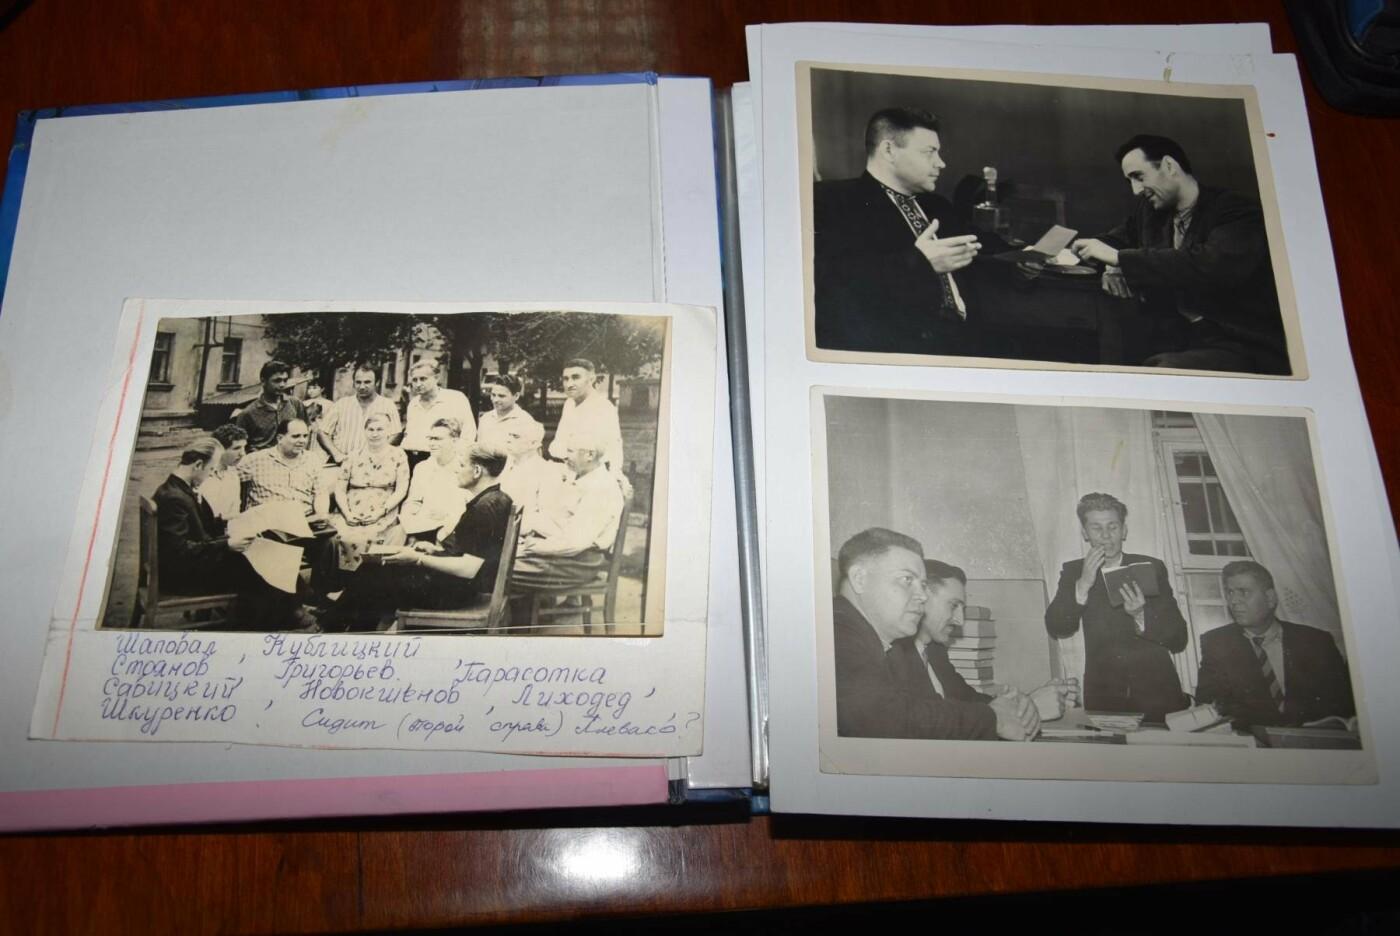 Документы Второй мировой и выставка: в Каменском заседали краеведы, фото-1